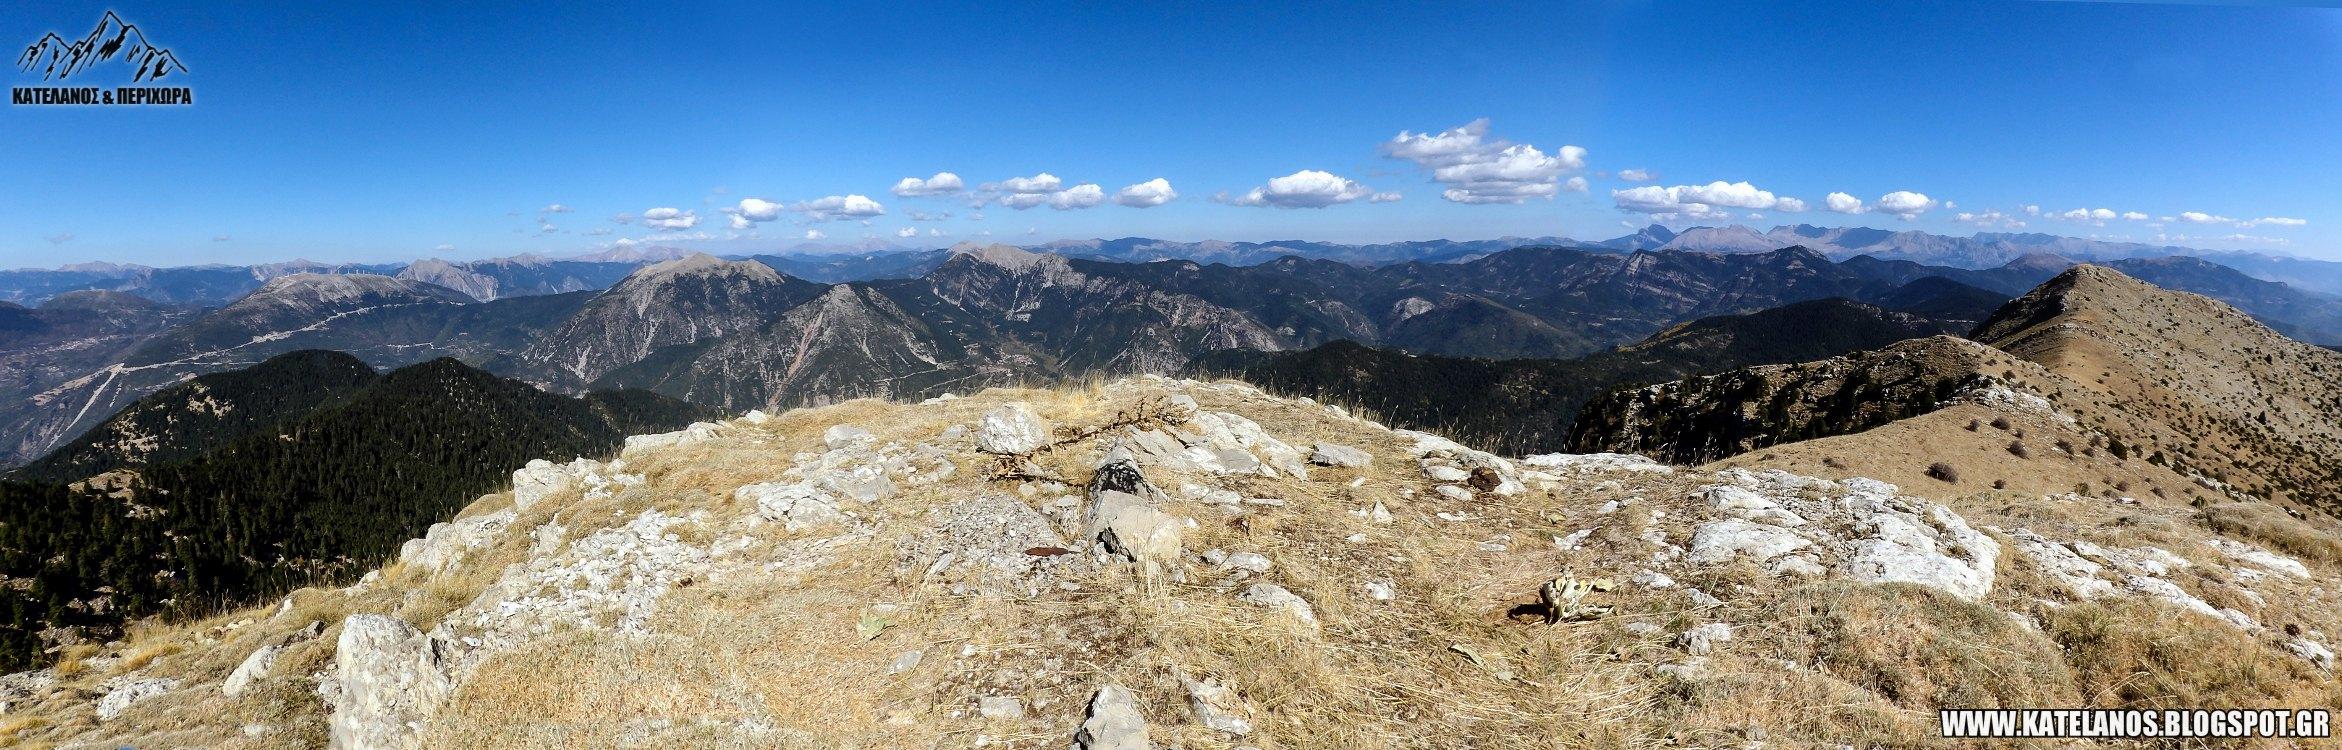 κορυφη τσακαλακι ορεινη ναυπακτια